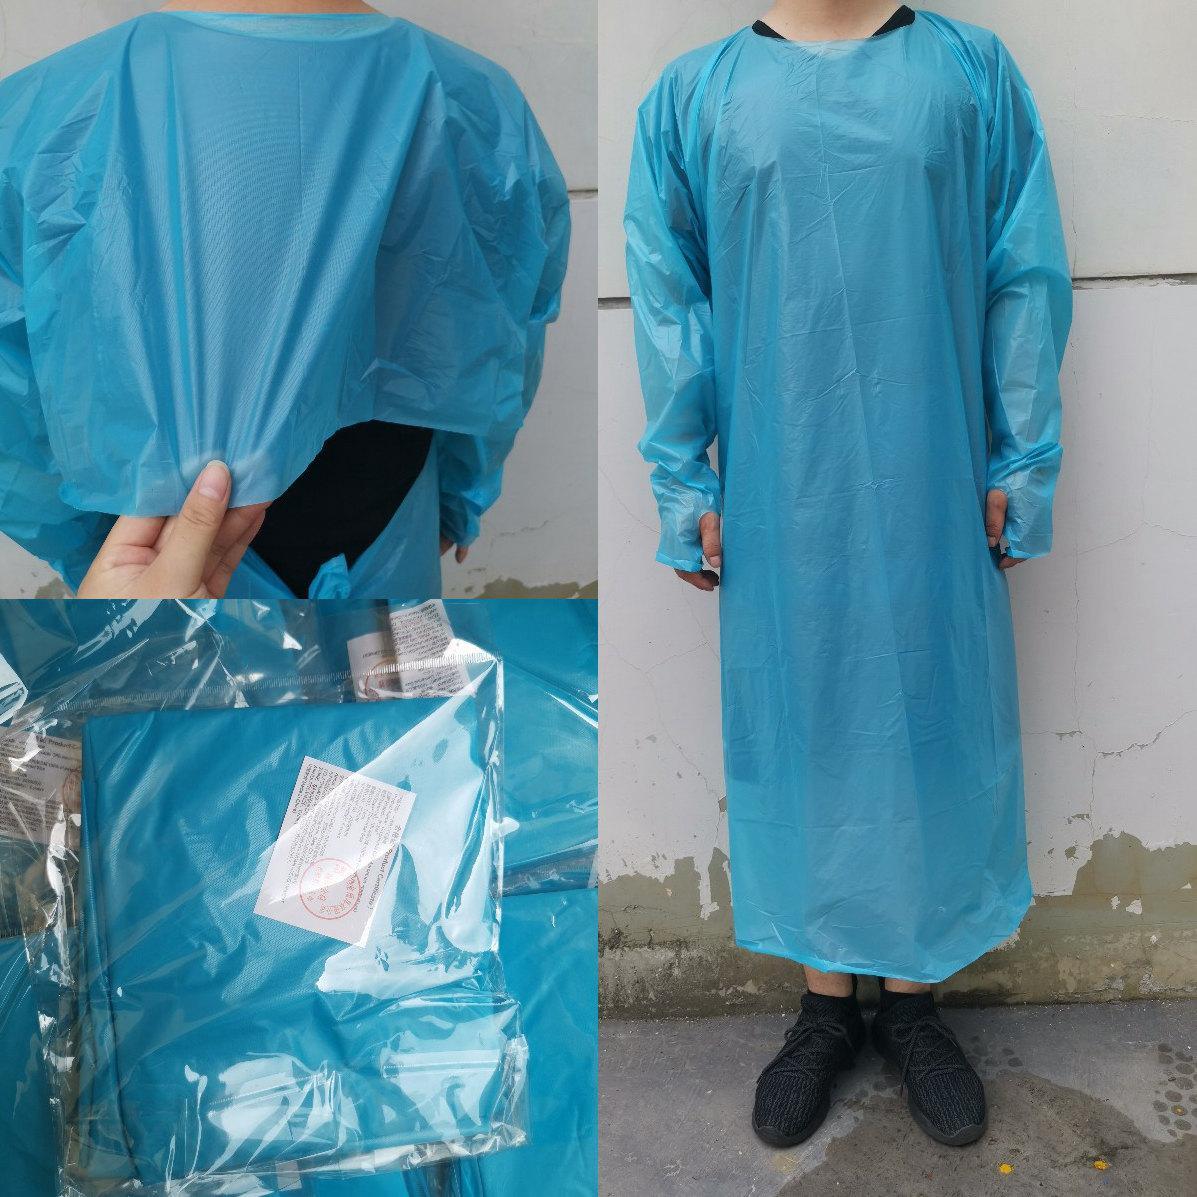 CPE protezione Abbigliamento monouso Isolamento abiti Abbigliamento Tute polsini elastici anti polvere usa e getta Impermeabili CYZ2756 trasporto marittimo